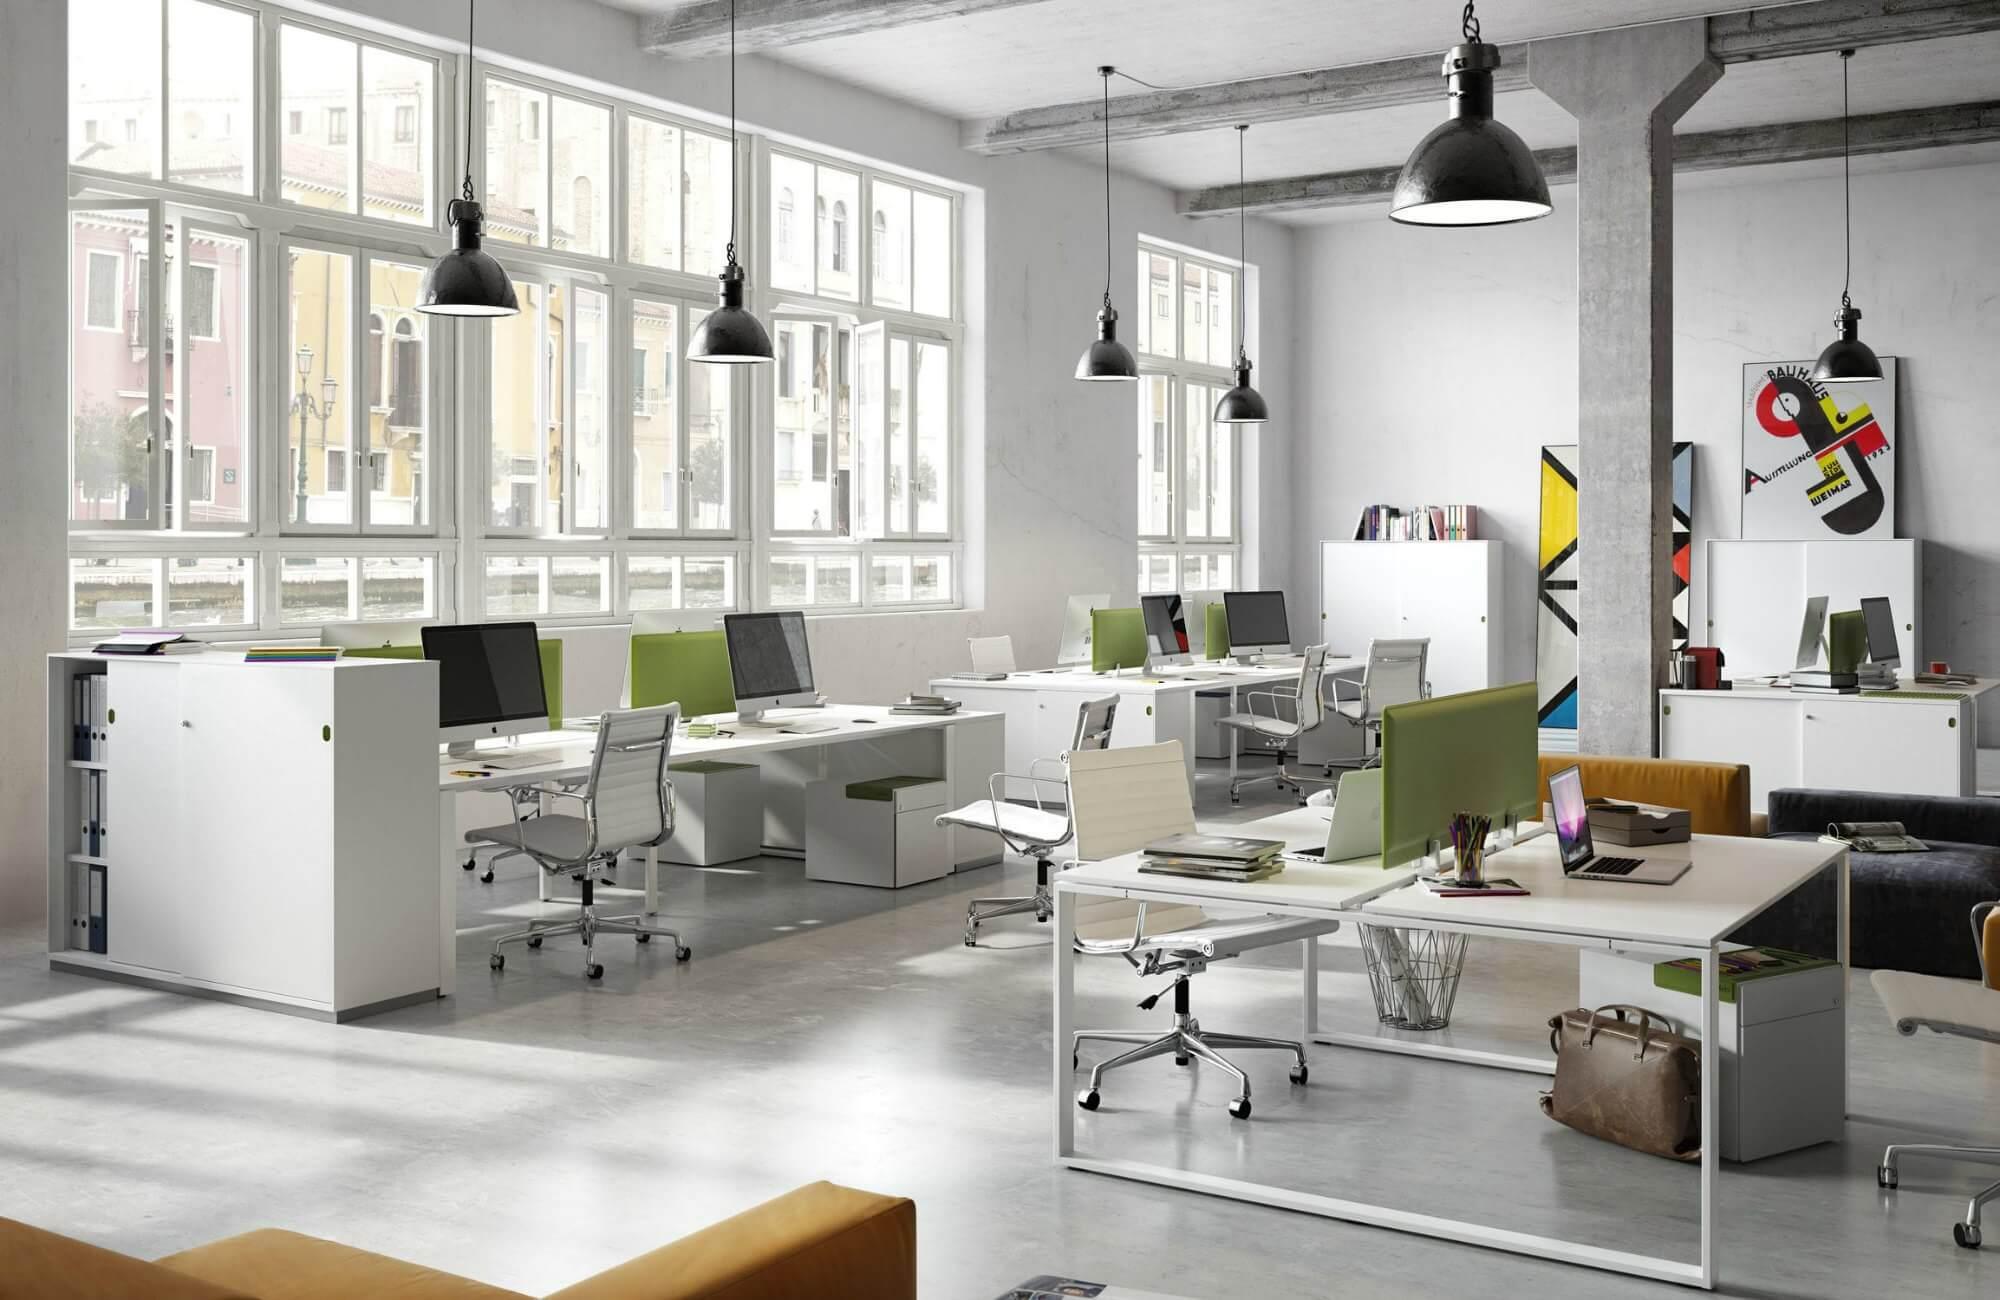 Dieffebi muebles oficina adeyaka bcn 1 adeyaka bcn for Muebles bcn